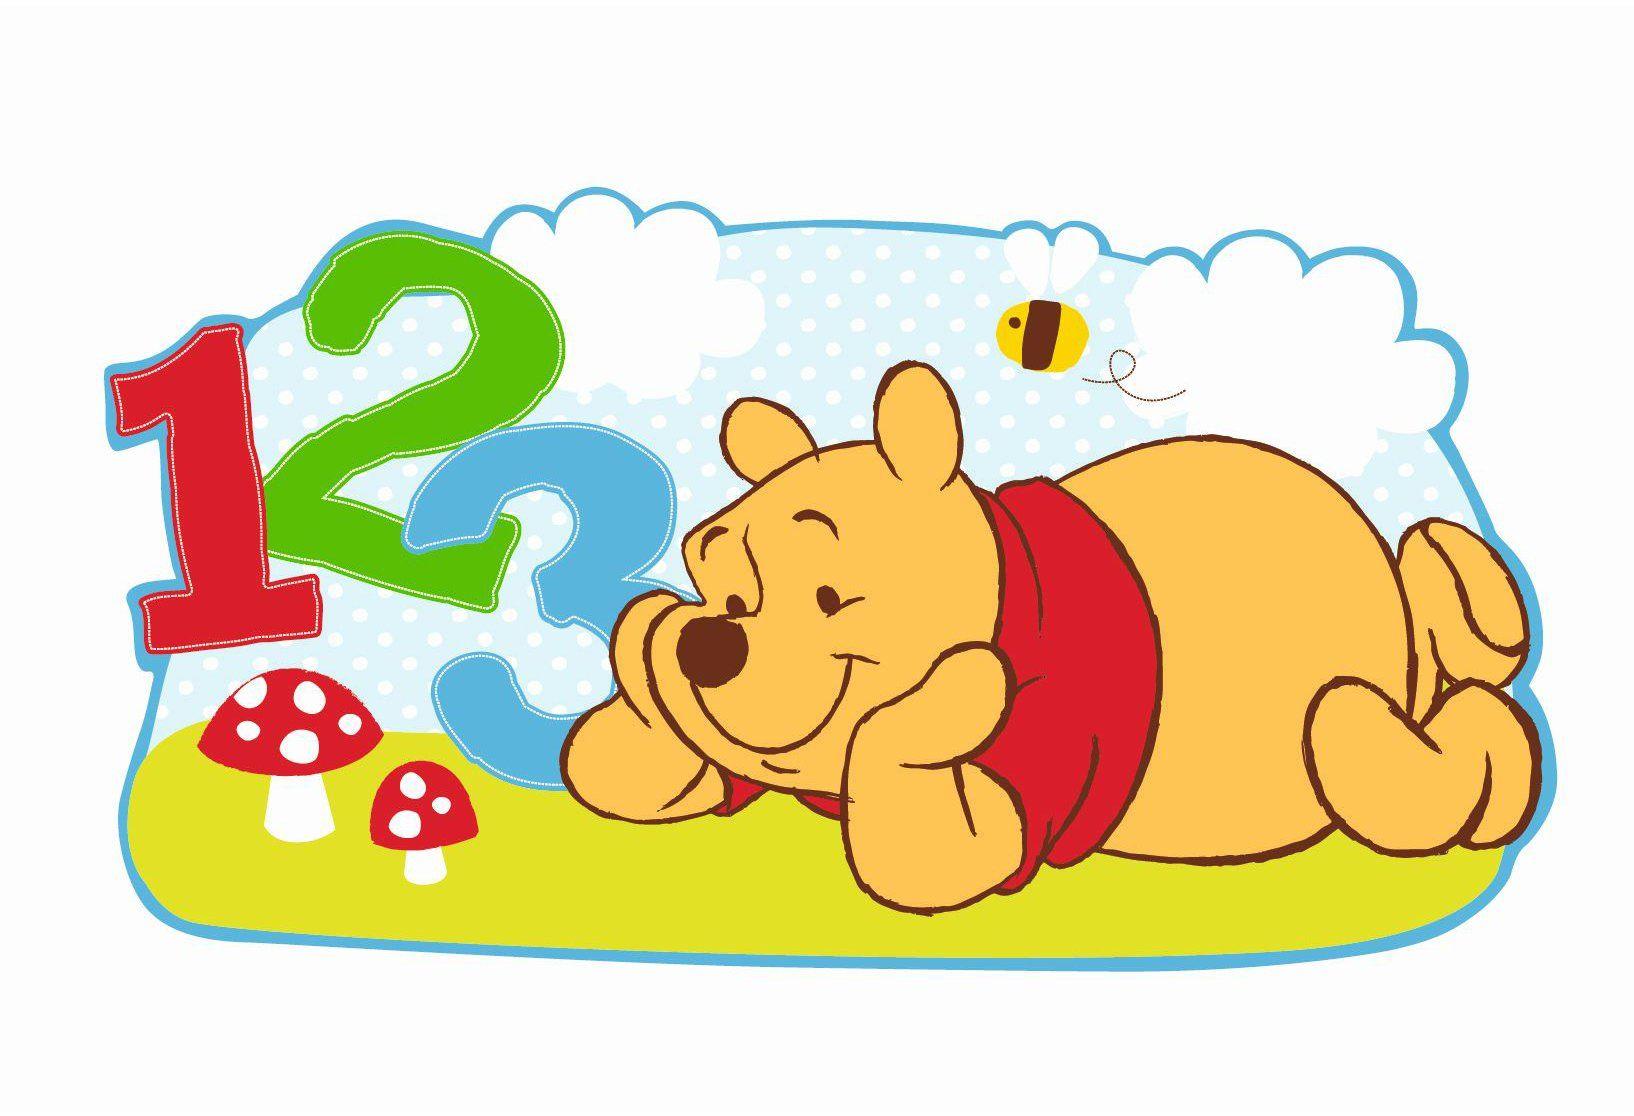 DECOFUN 35352365 - Kubuś Puchatek figurka ścienna Pooh & Freunde